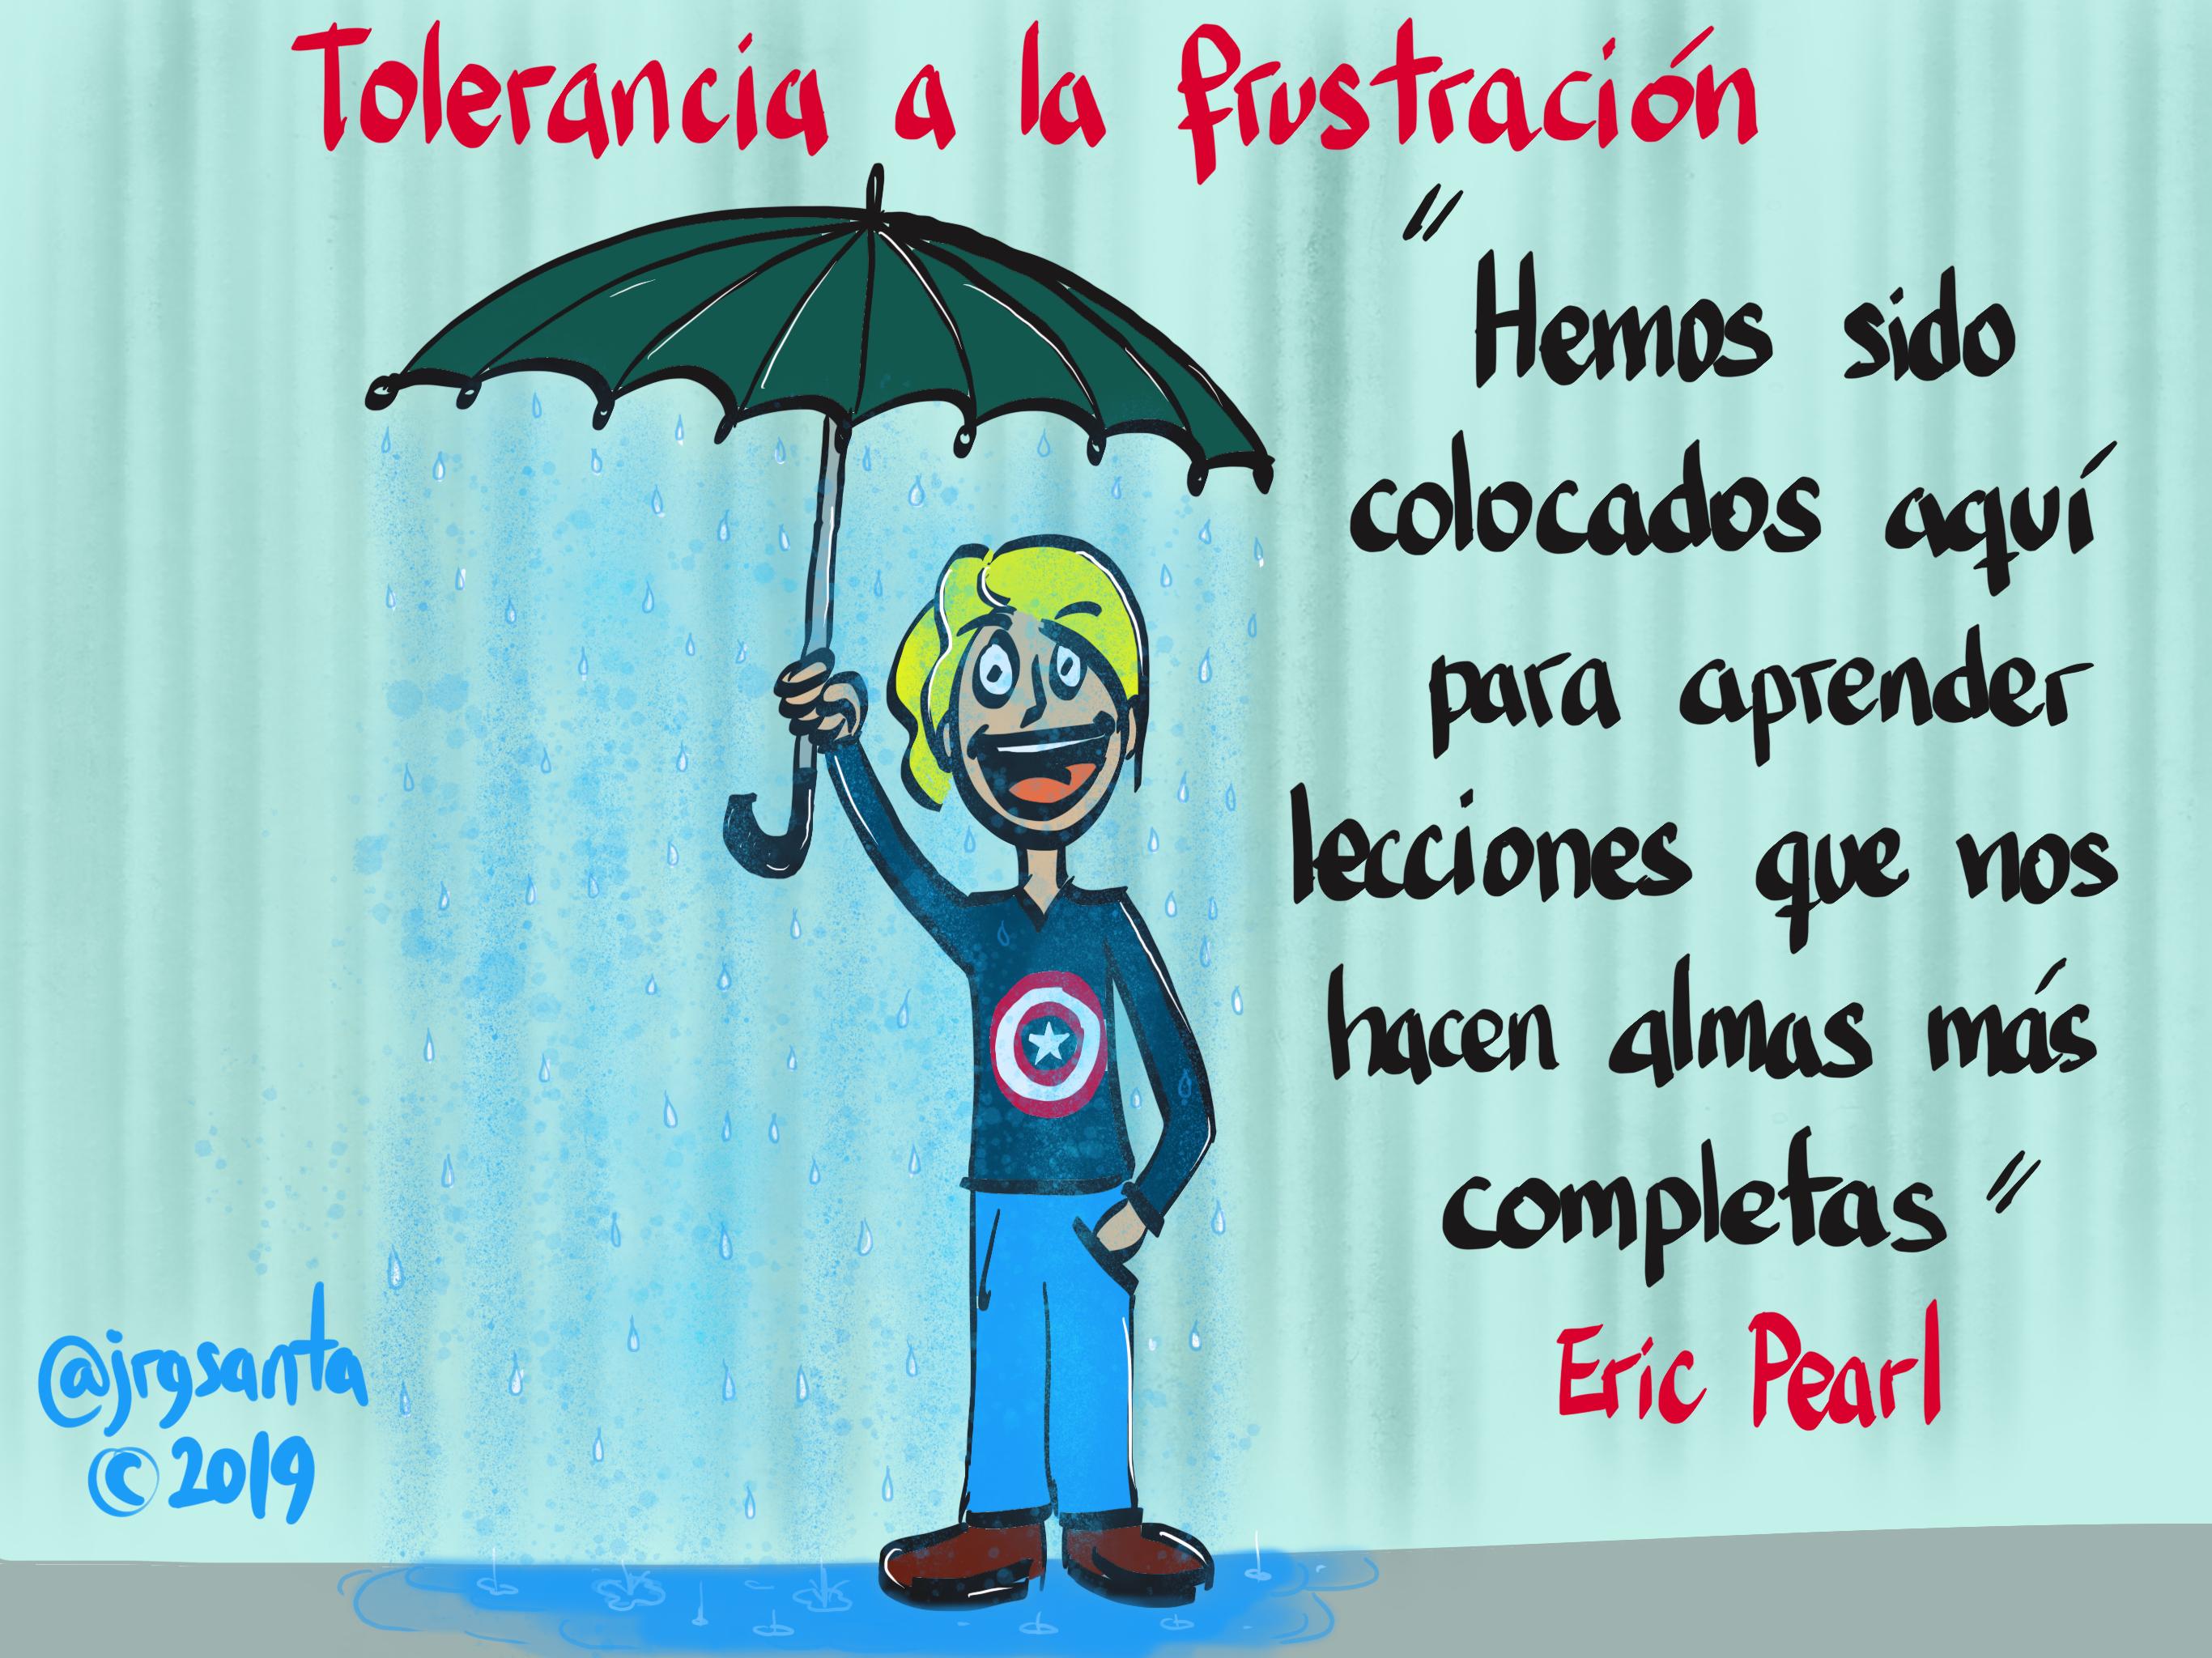 Tolerancia a la frustración. @jrgsanta ©️2019